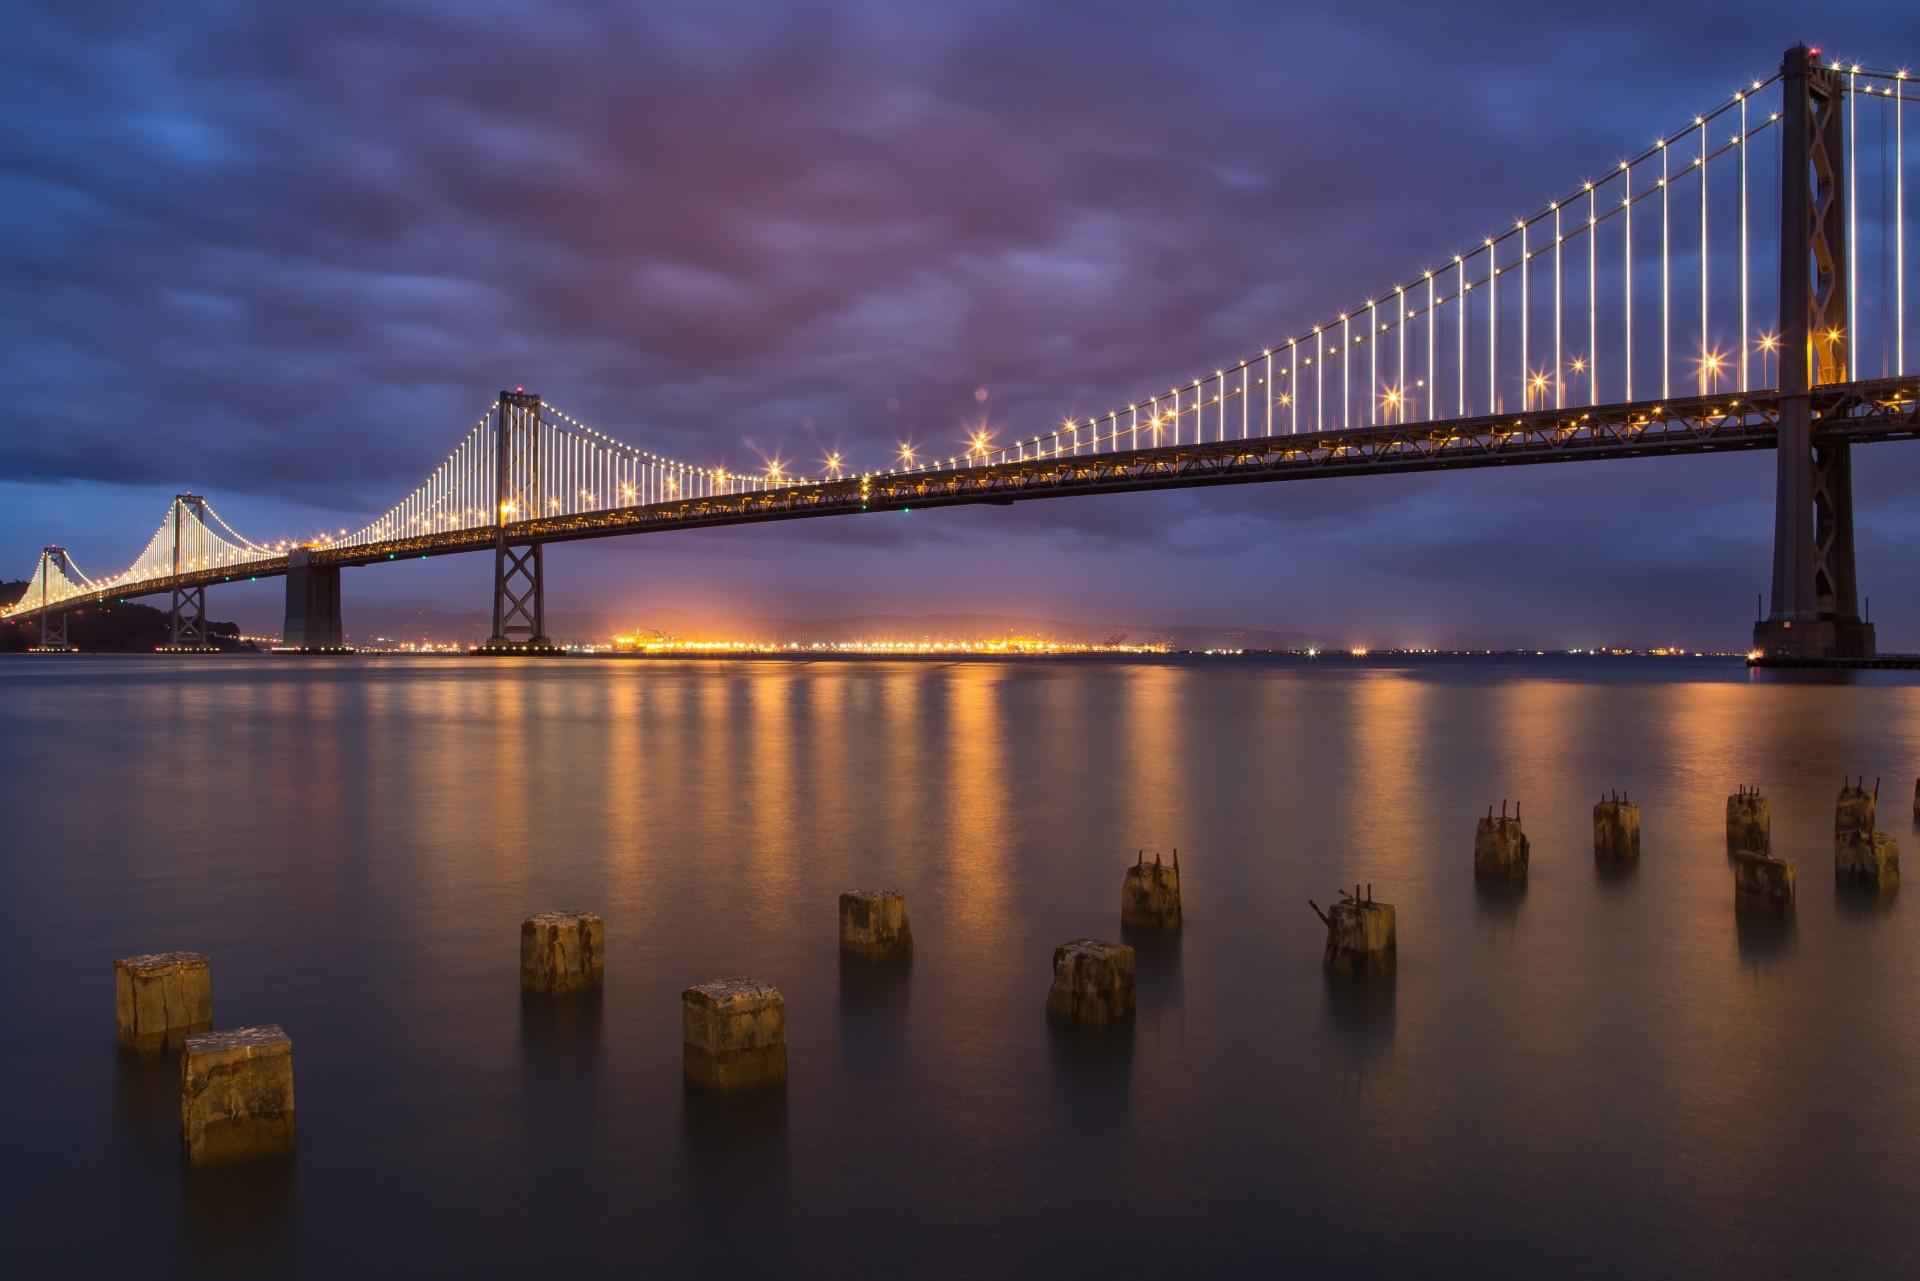 Мост река сумерки  № 3030689 загрузить